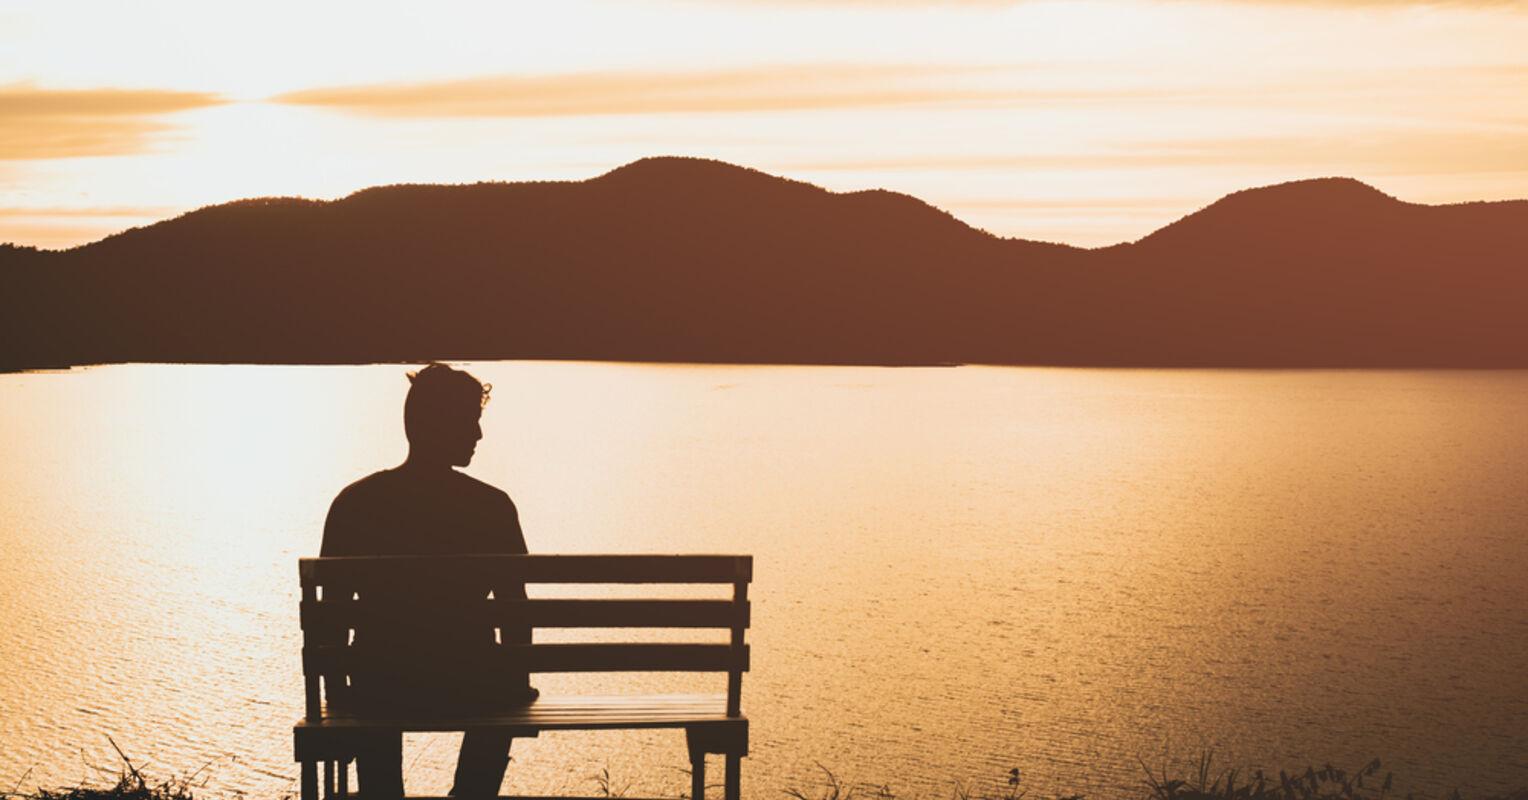 Las seis razones por las que la gente intenta suicidarse